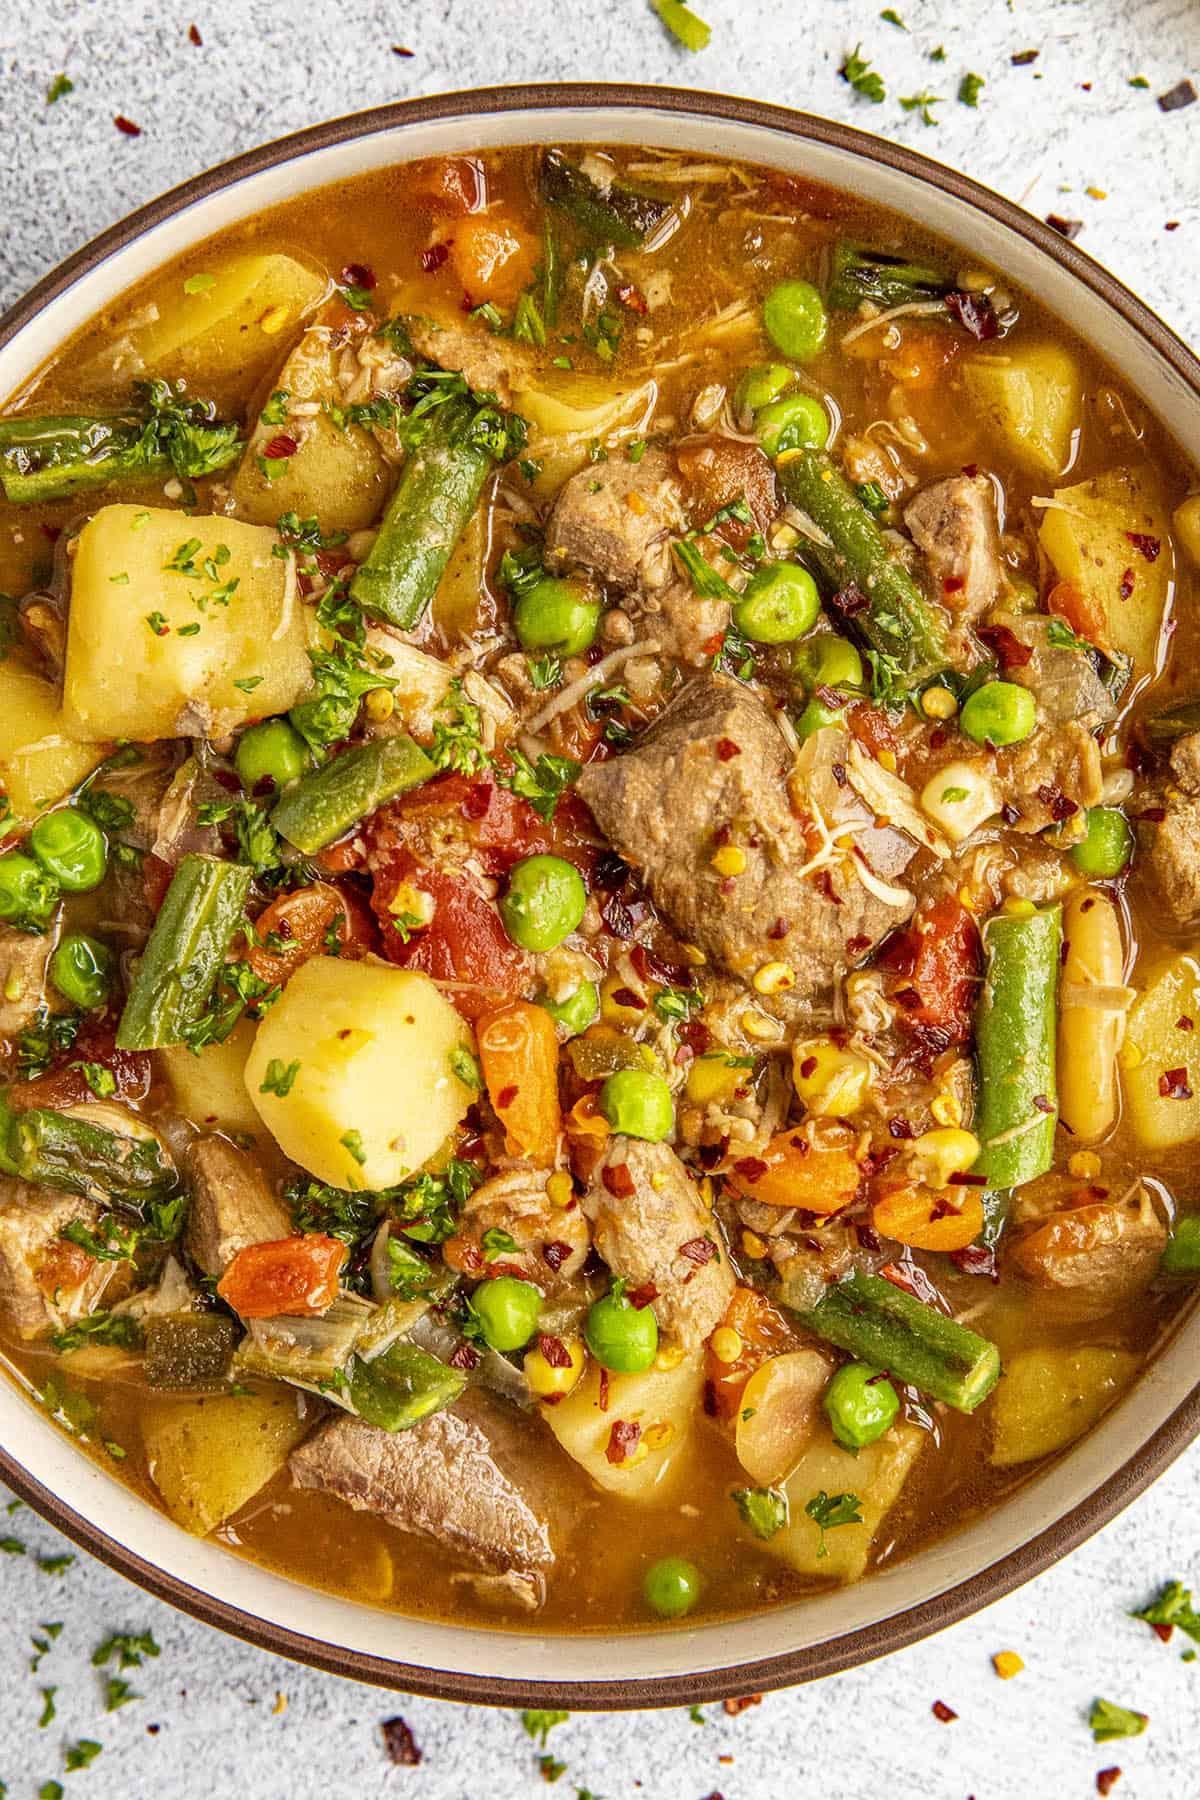 Chunky booyah stew ready to enjoy